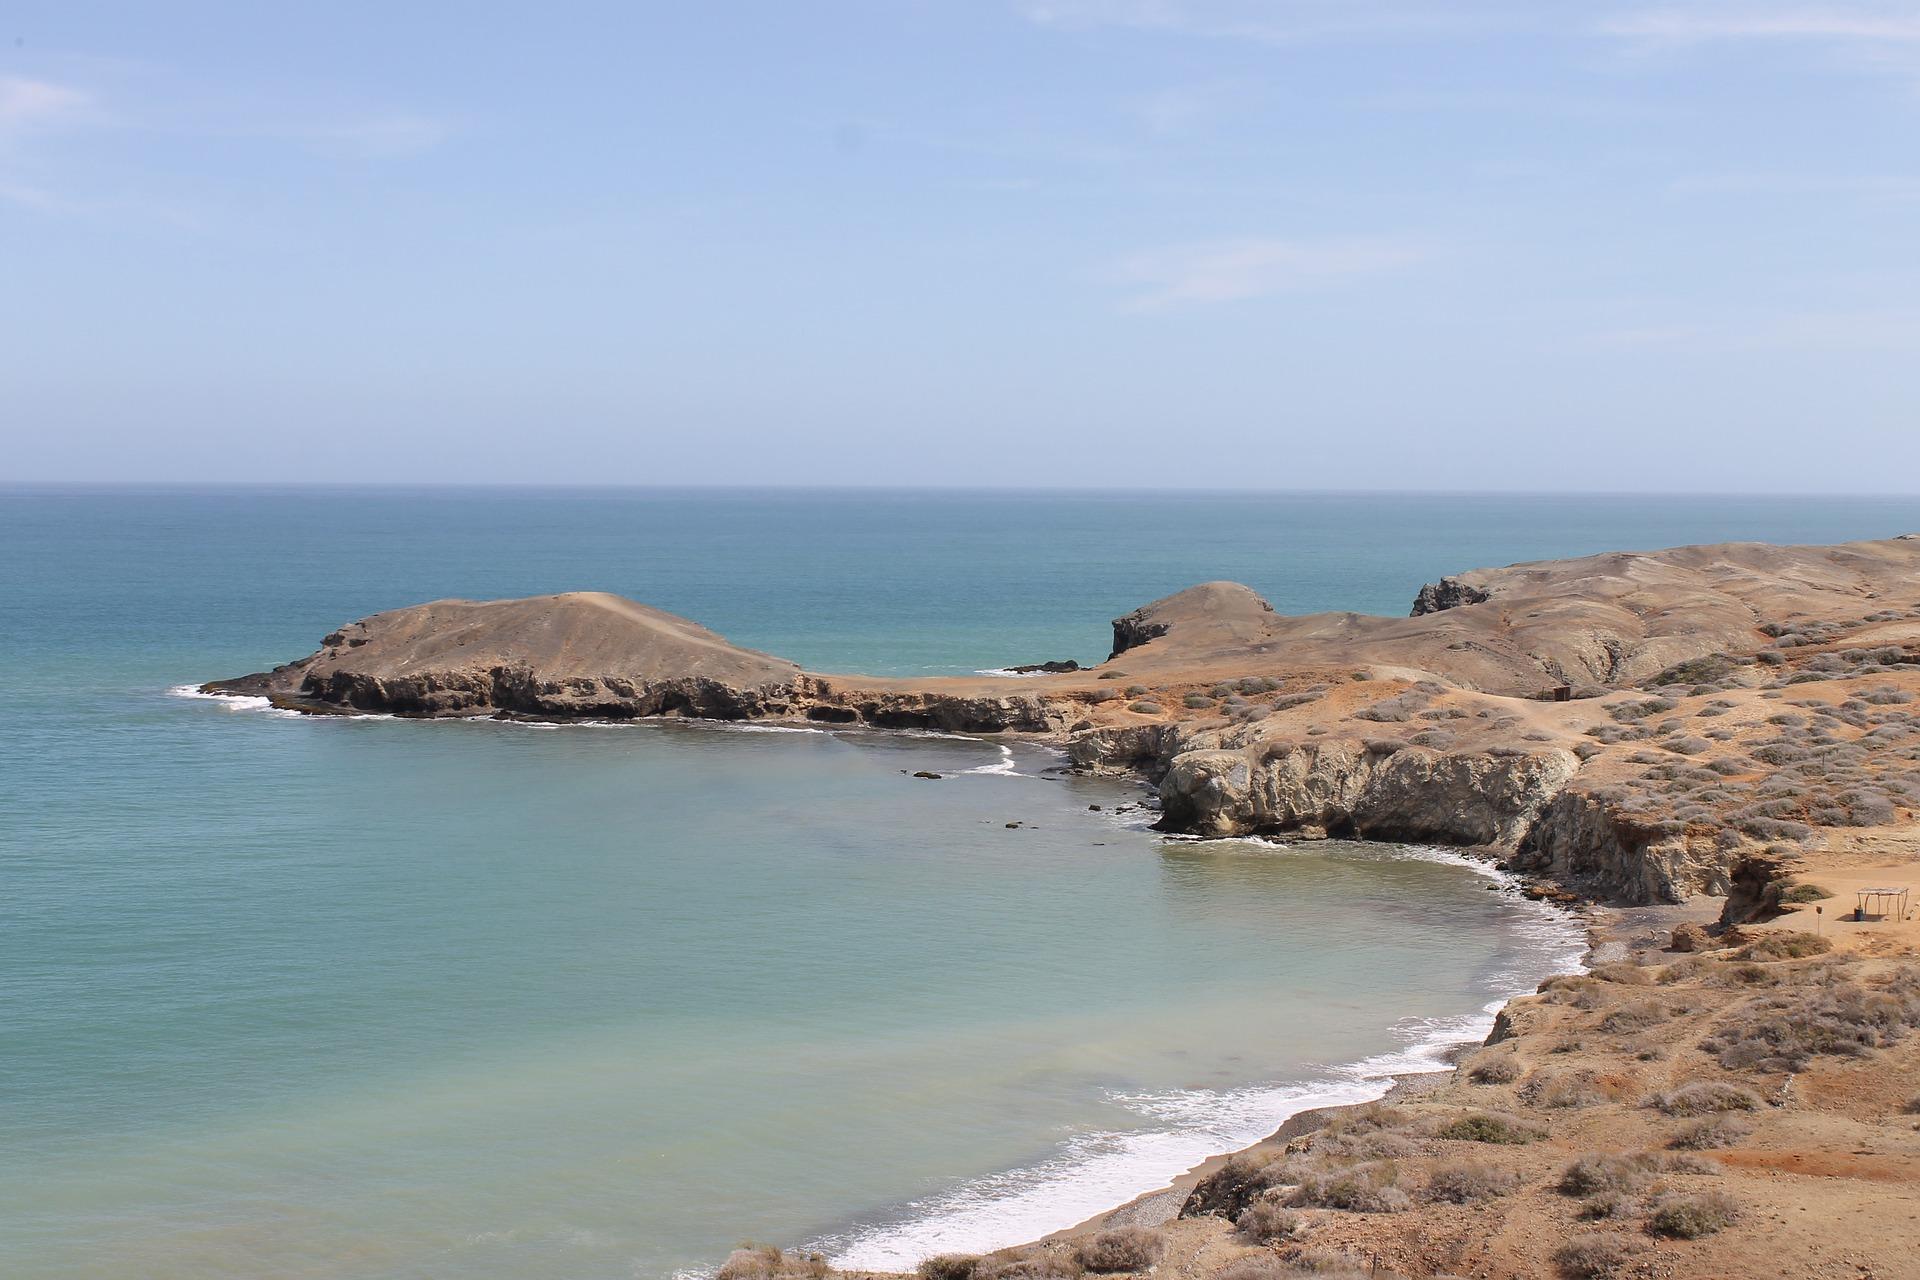 La plage de Boquita dans la baie de la Guajira